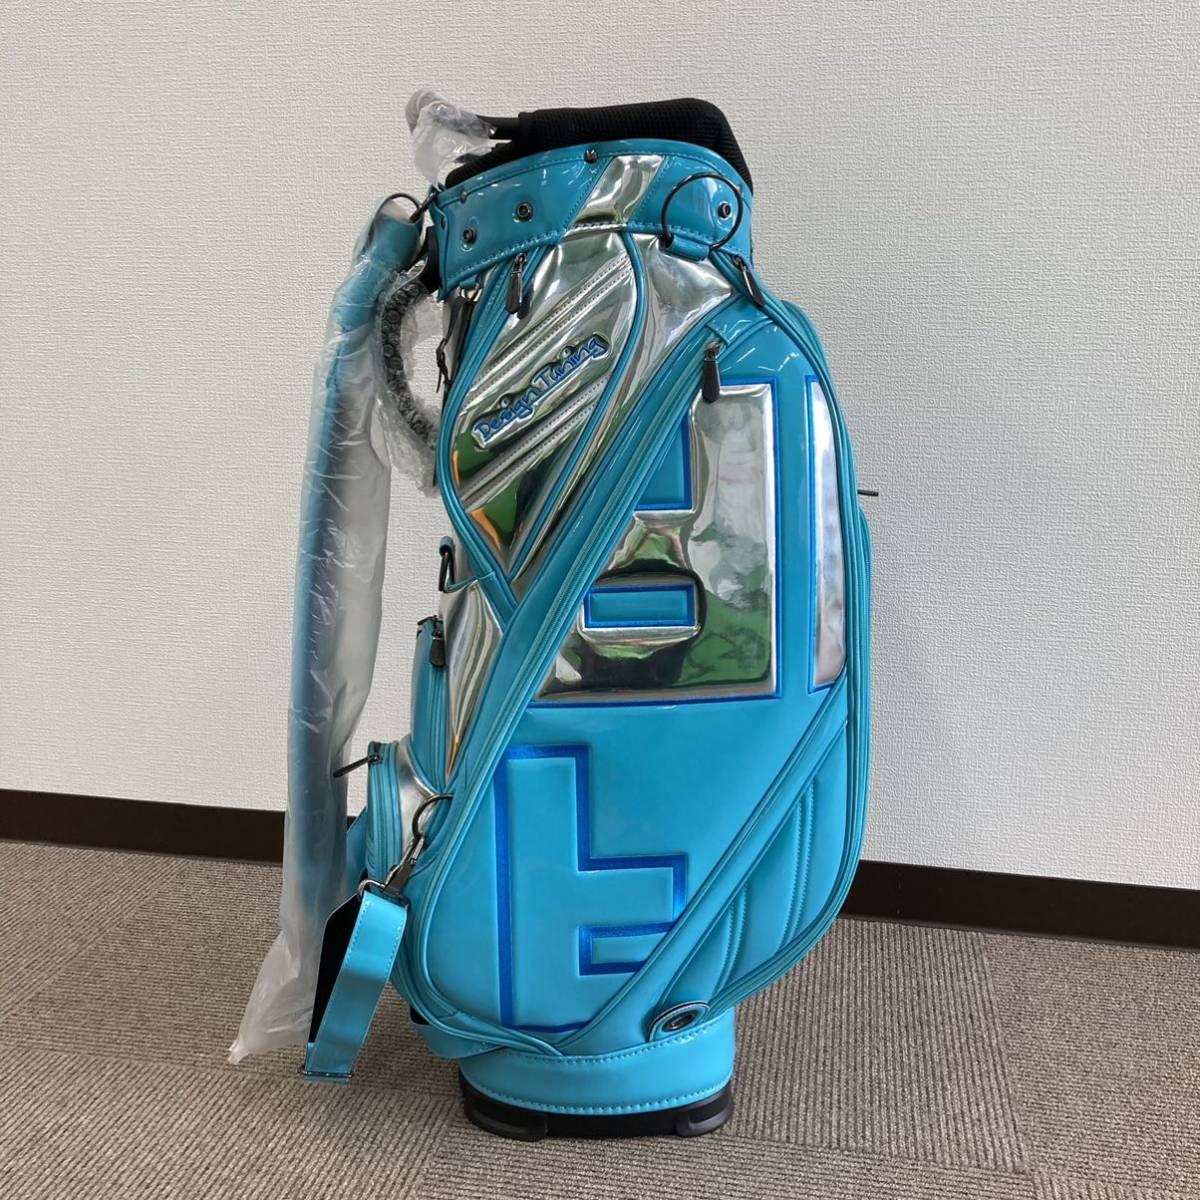 新品 デザインチューニング キャディーバッグ各色100本の完全限定モデル 色ターコイズ&ブルー